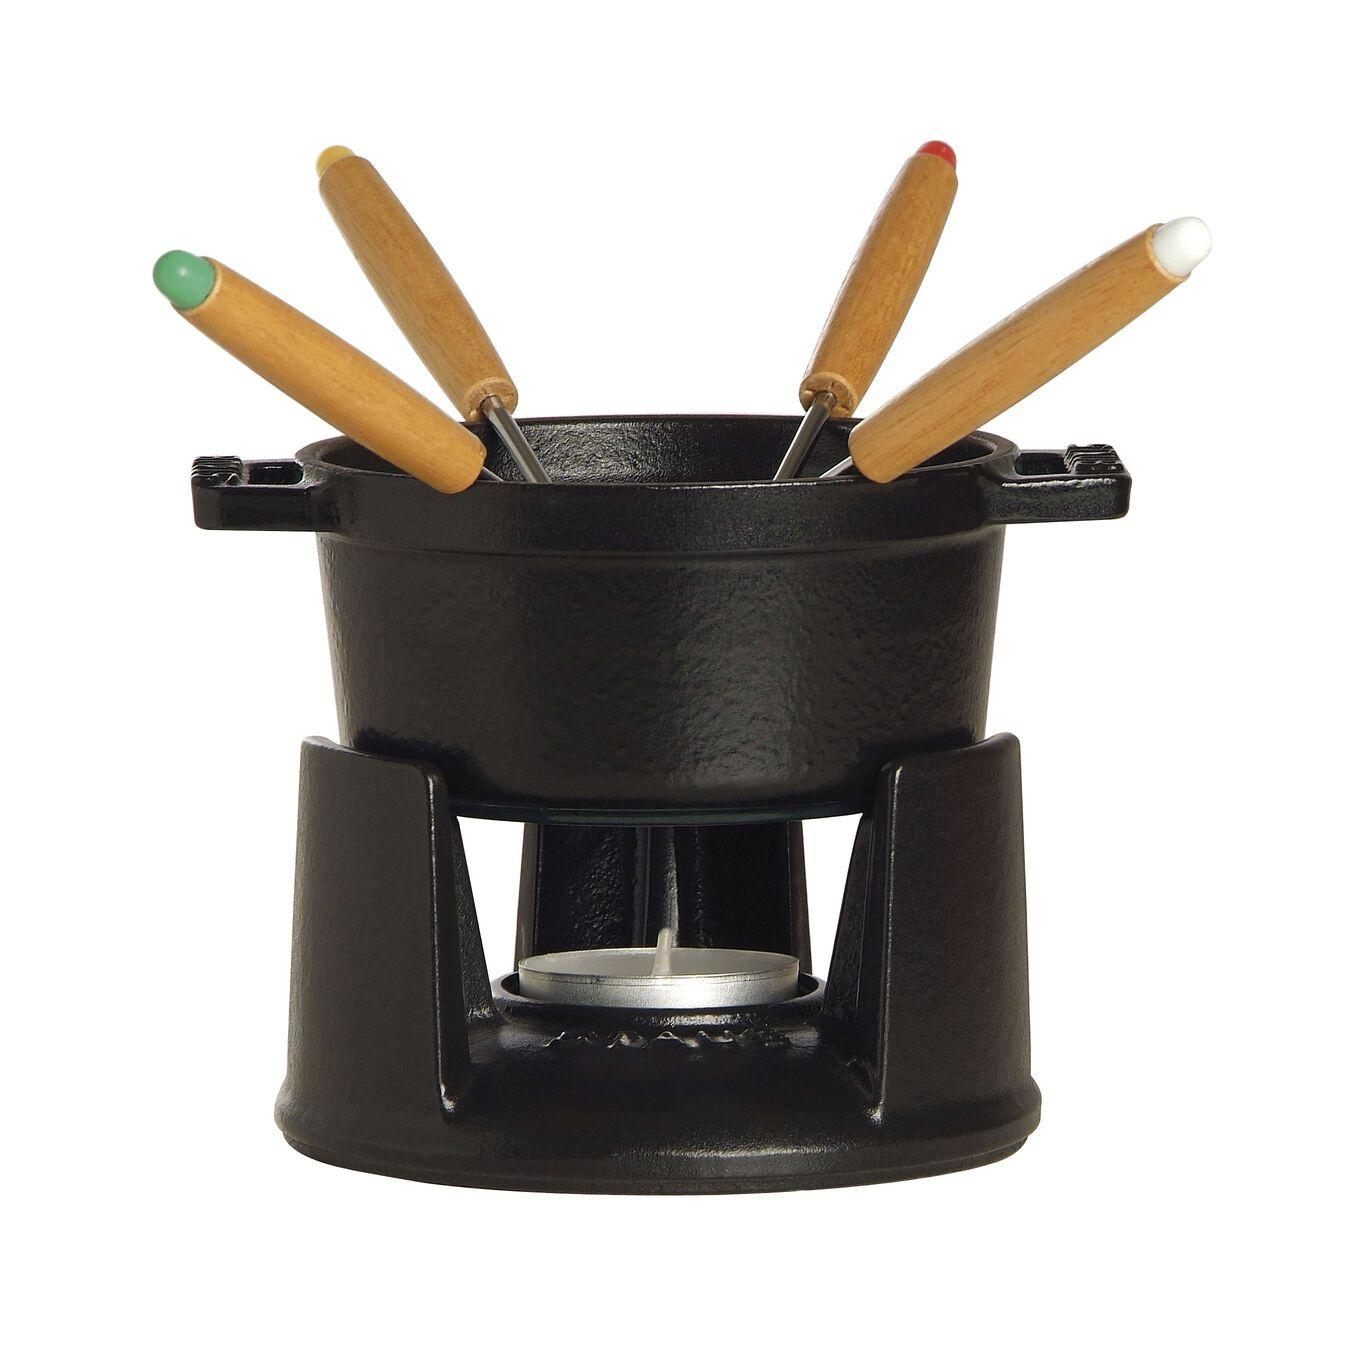 Mini set per fonduta - 7-pz., ghisa,,large 1